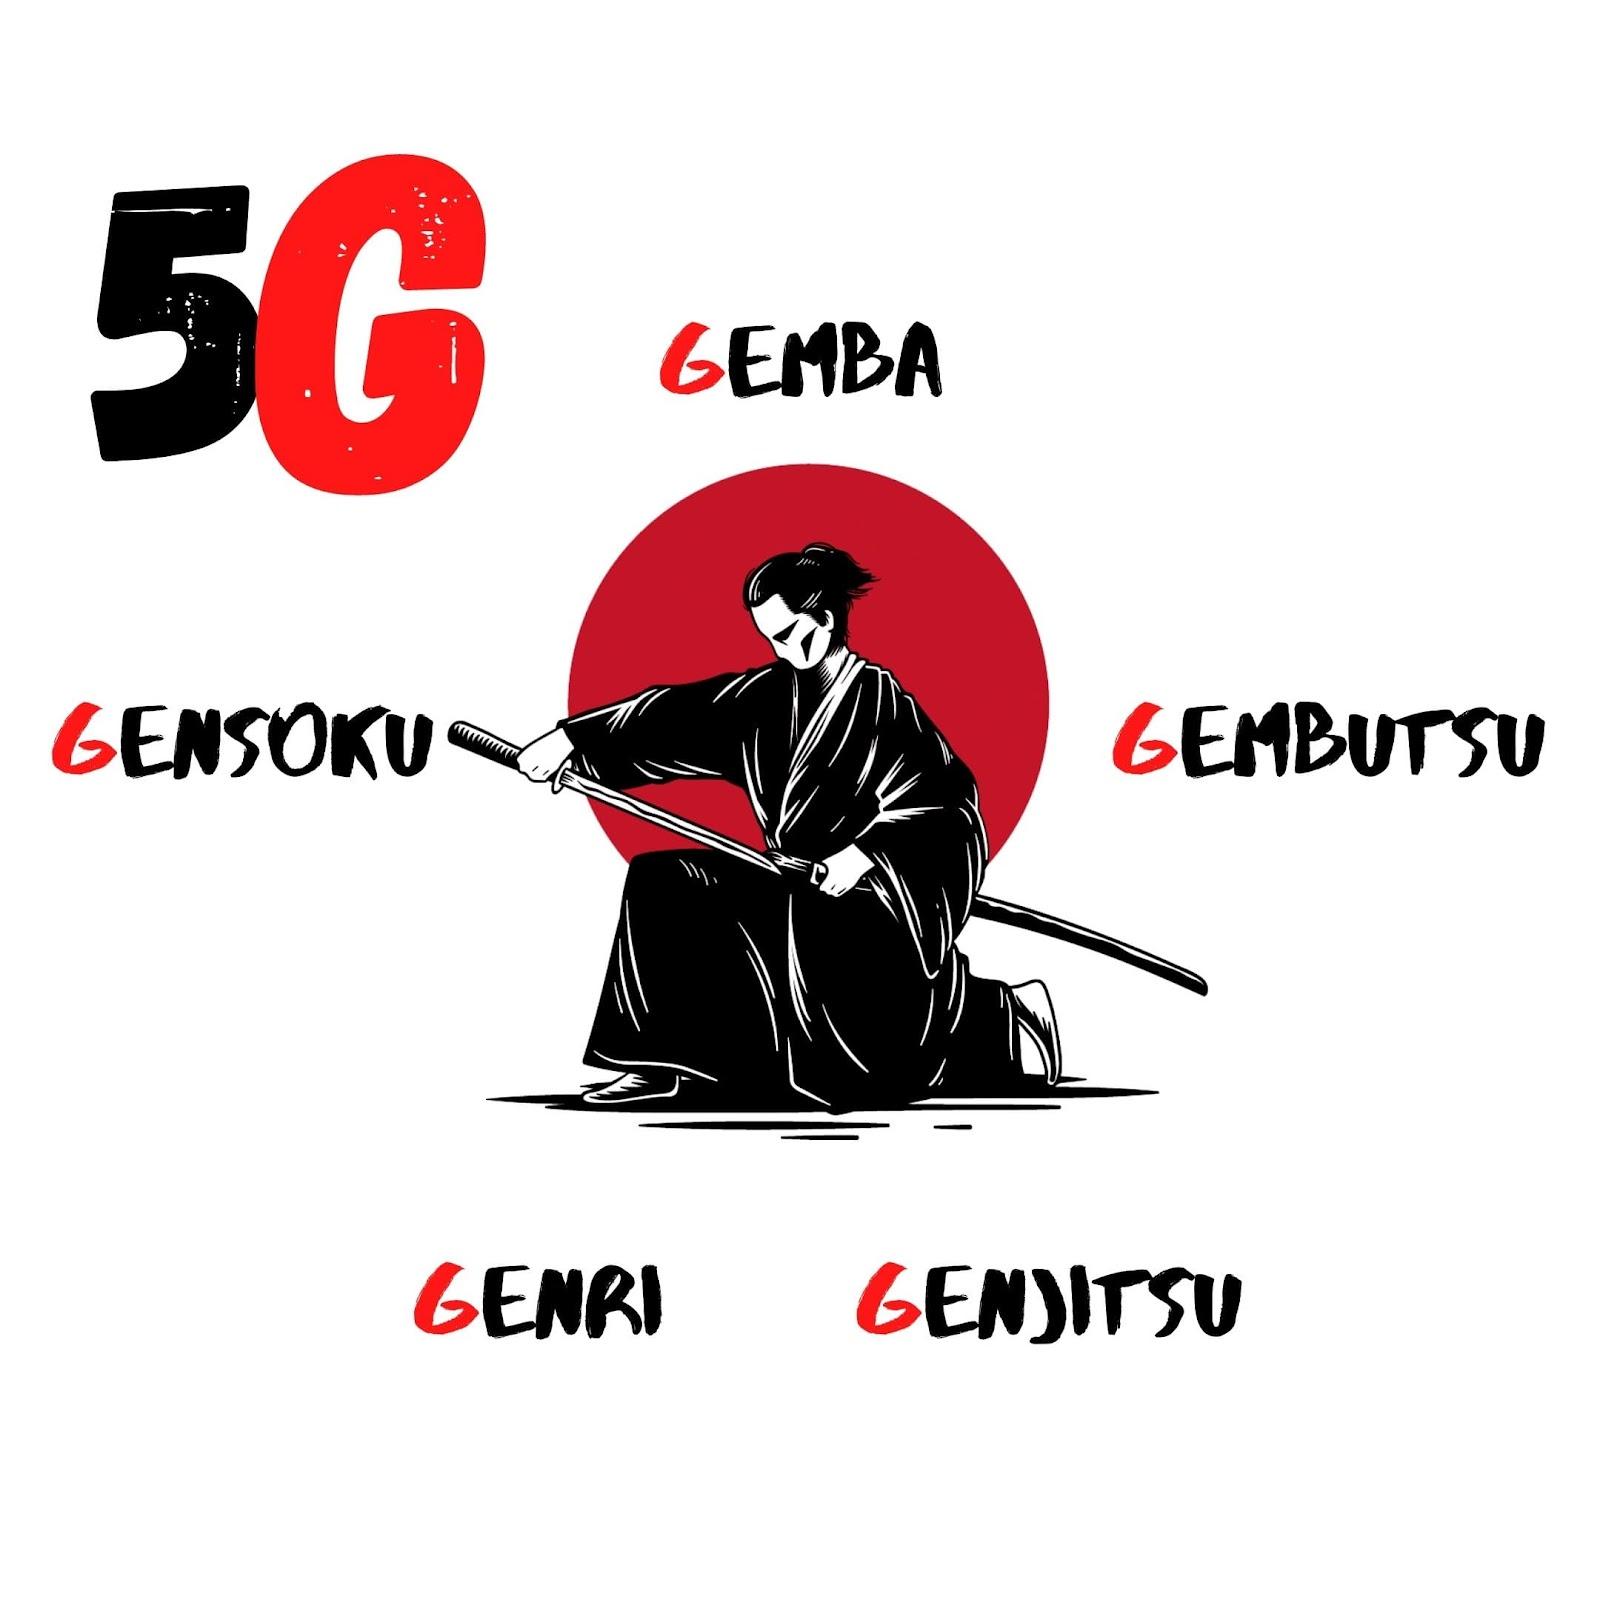 Ferramenta 5G (Gemba, Gembutsu, Genjitsu, Genri e Gensoku)